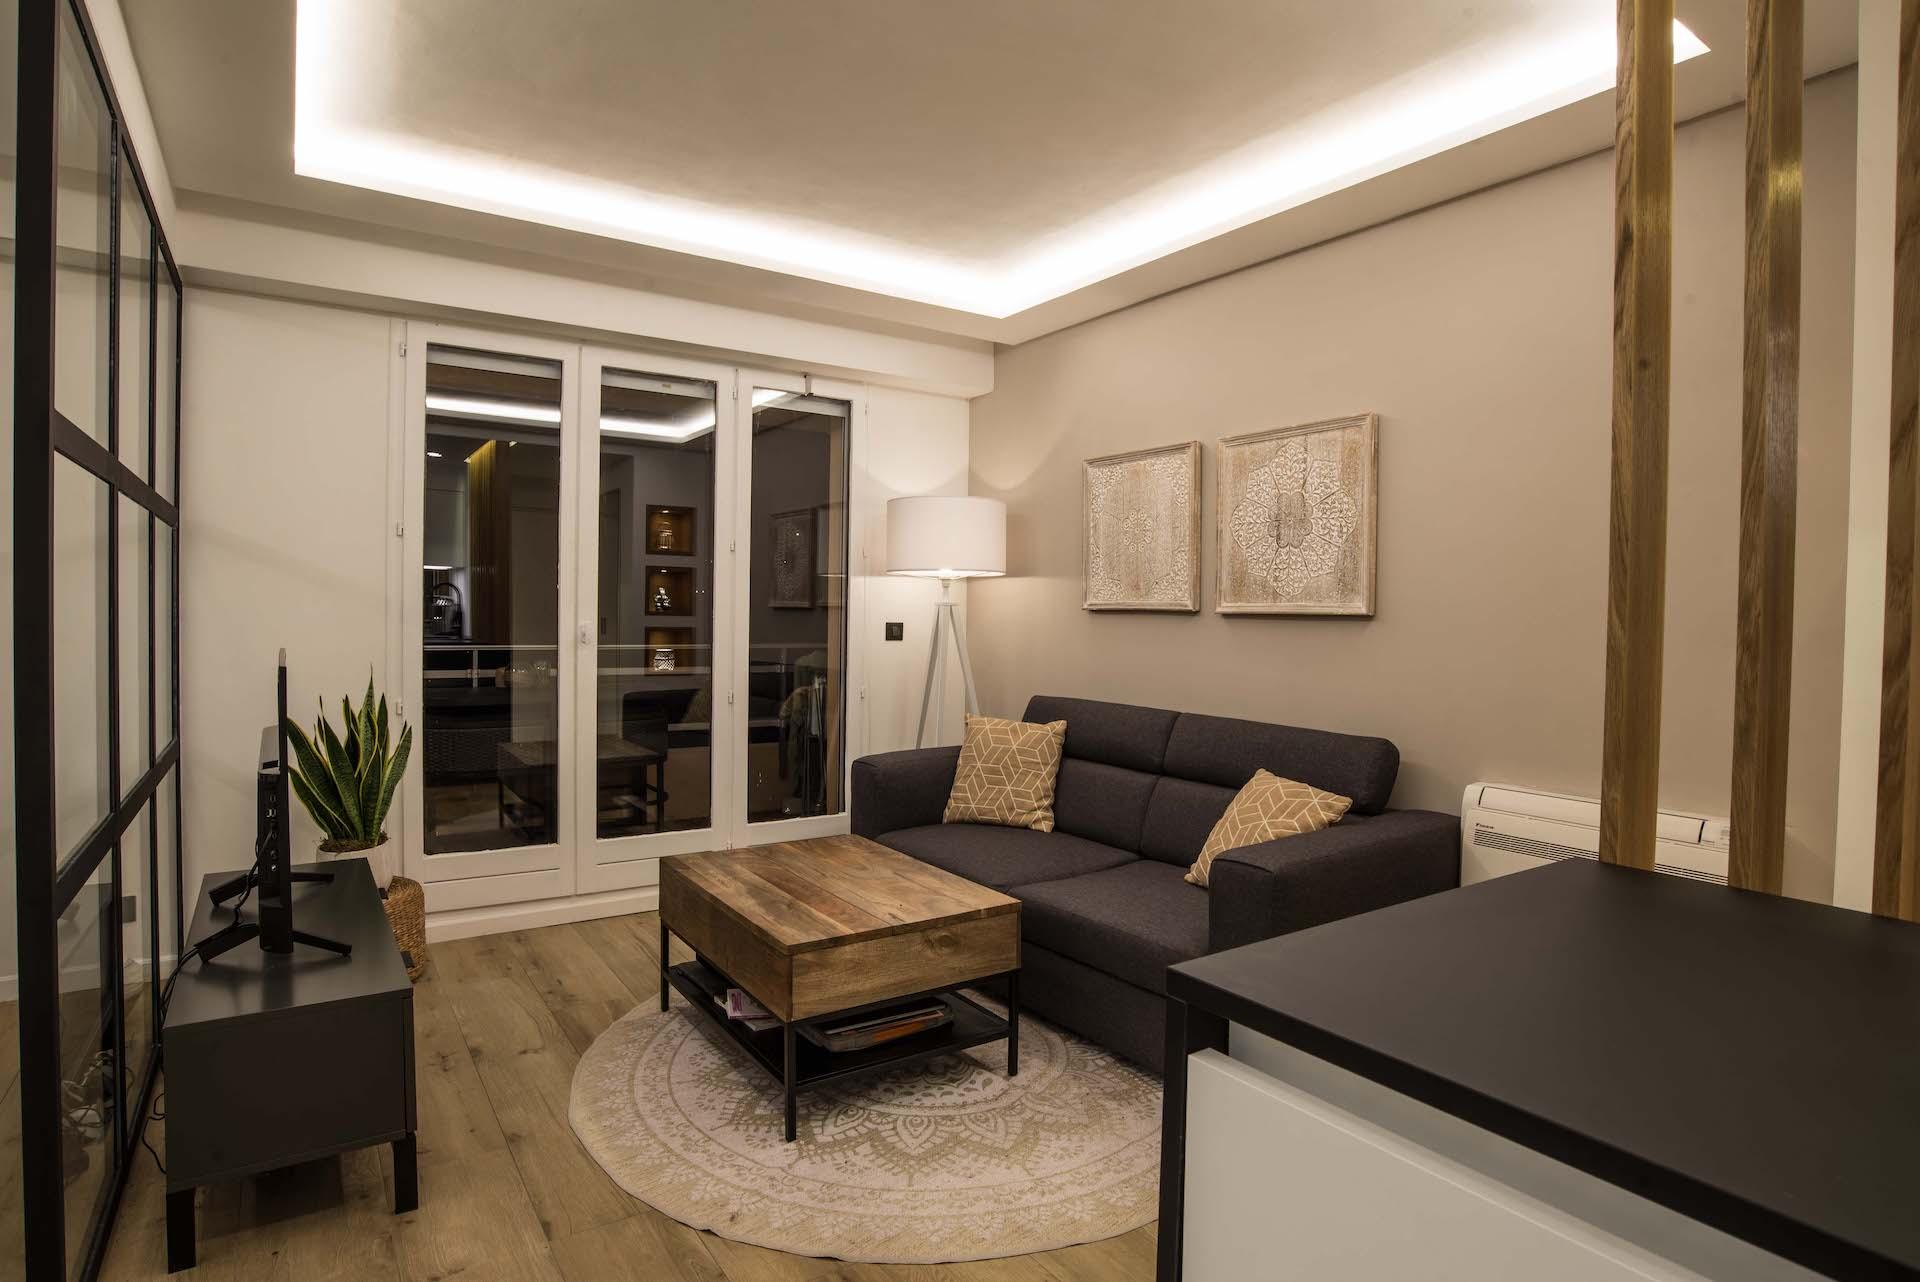 Rénovation-aménagement-décoration-appartement-Sainte-Maxime-architecte-interieur-var15